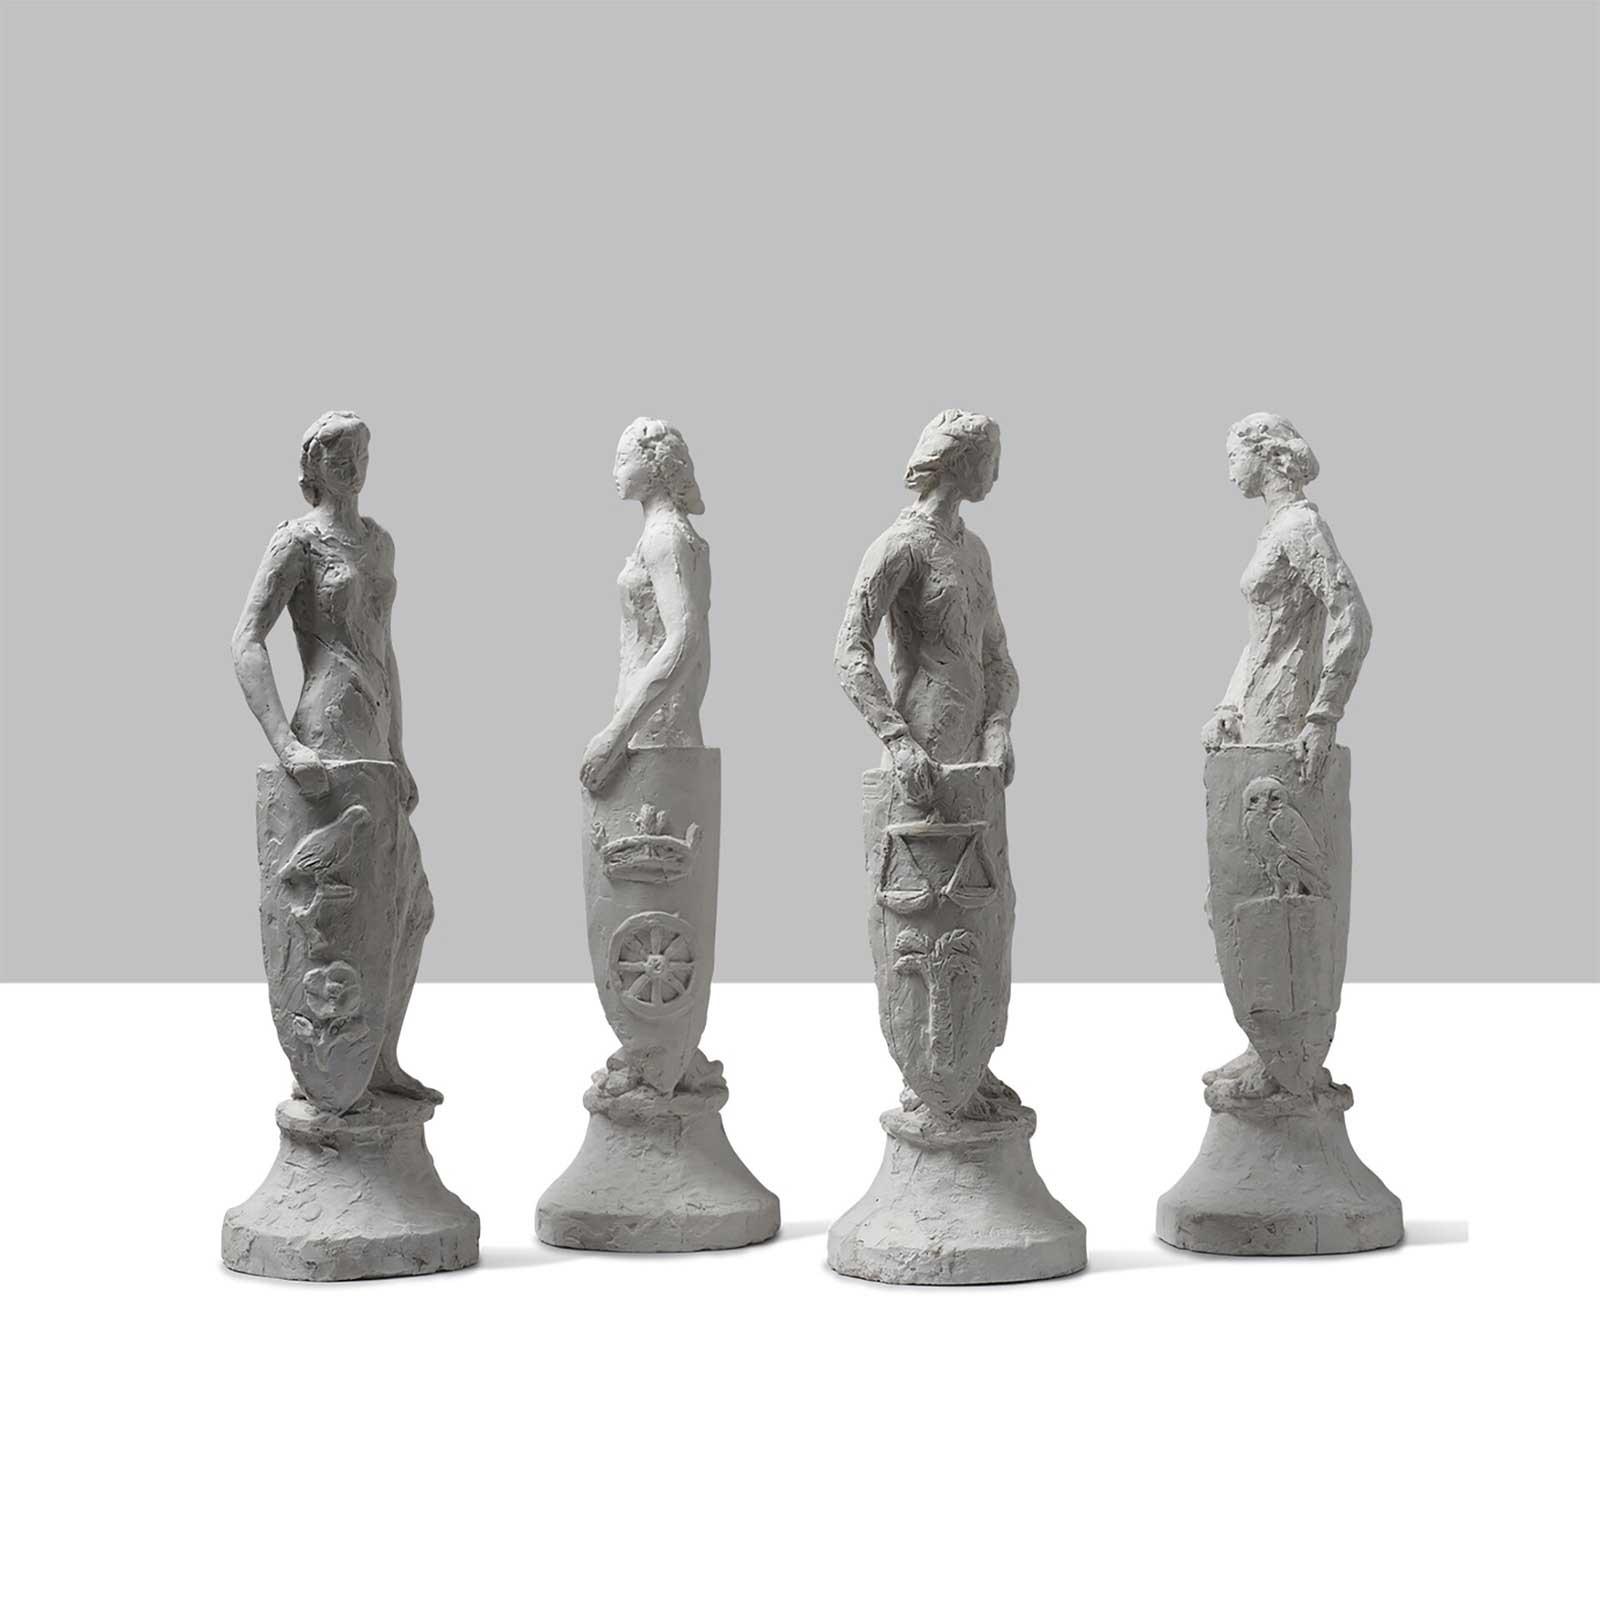 4 sculptures,. France - 1930